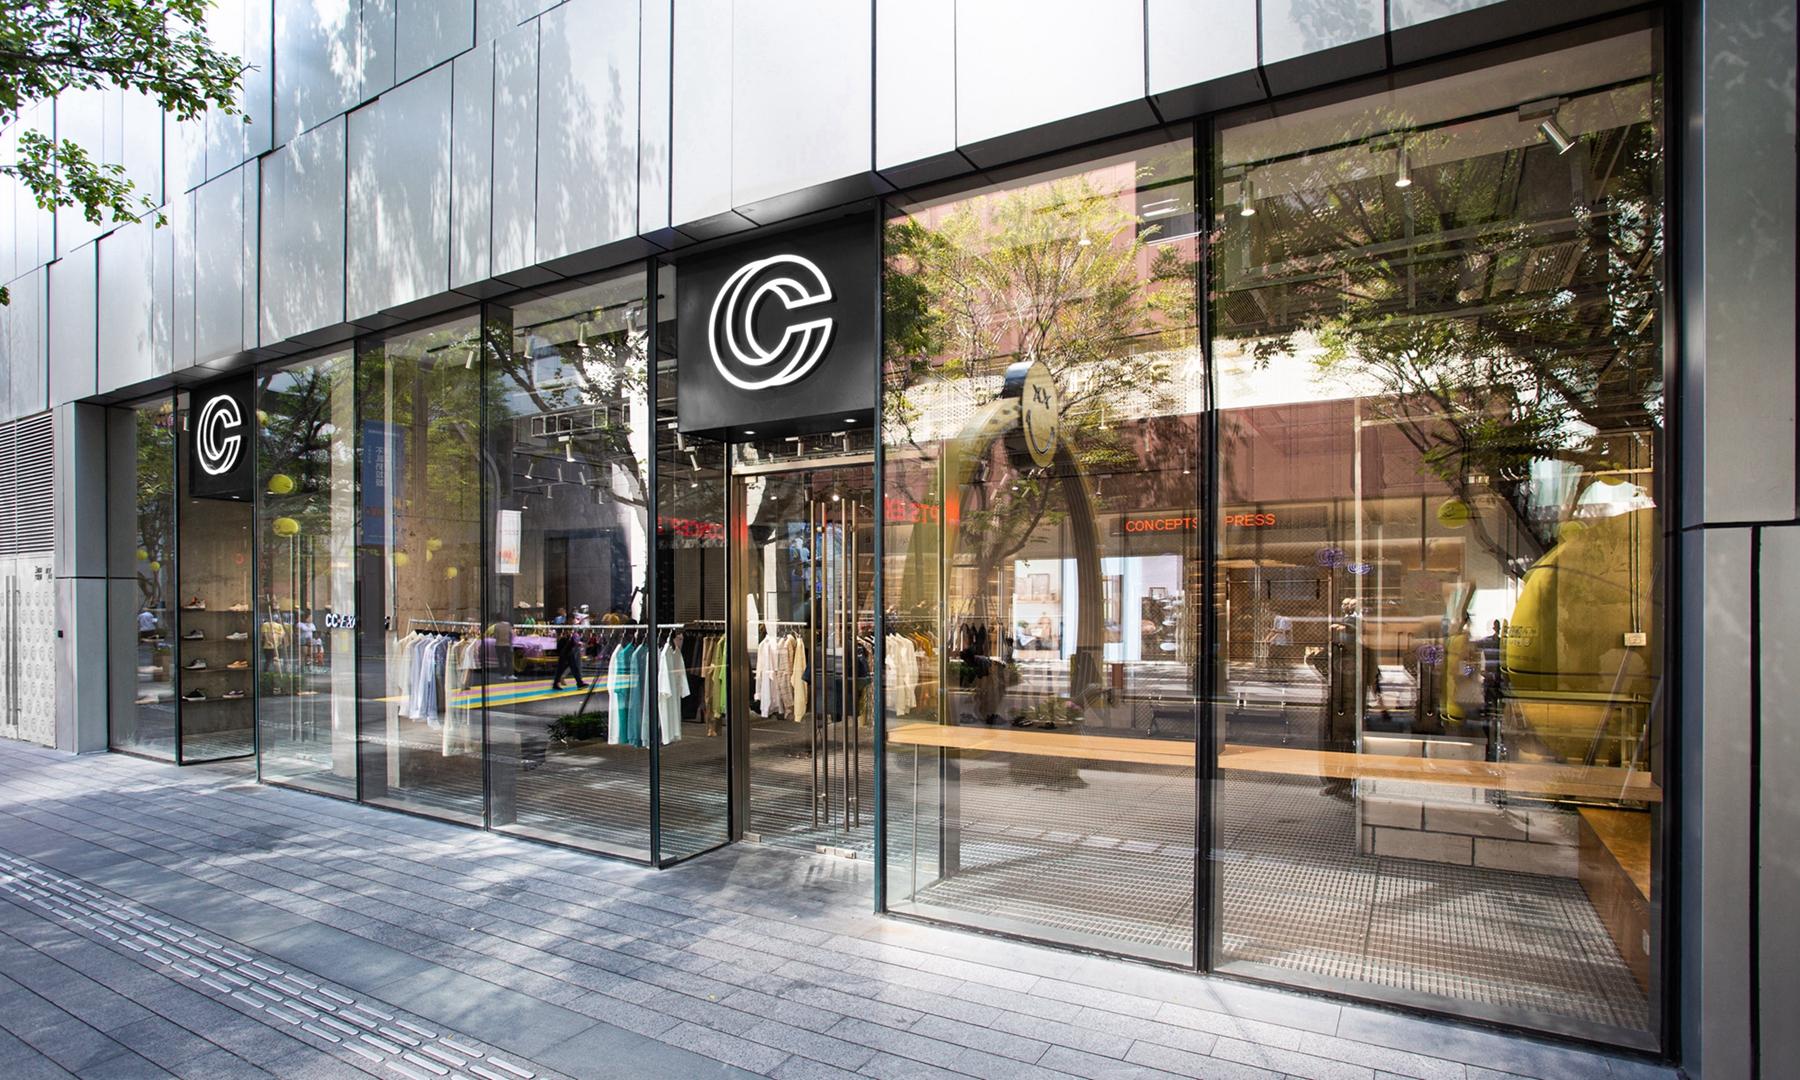 CONCEPTS 中国区线下 Pop-Up 限定商店落户深圳